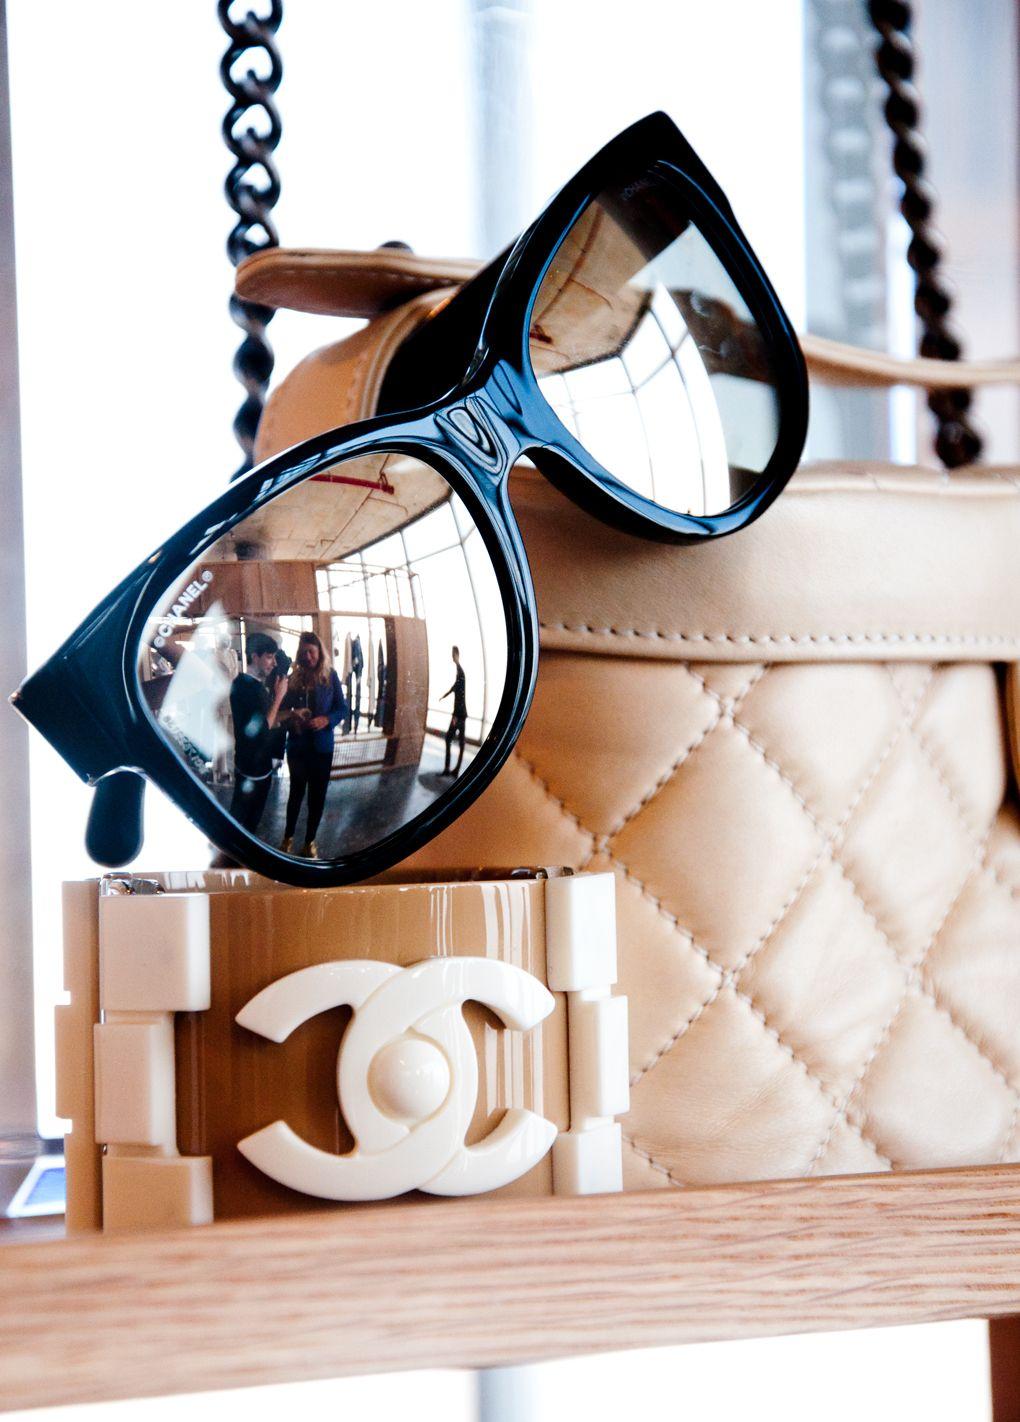 27423d90aed5d Leve um pouco mais de brilho para seu dia a dia! We ♥ Chanel ...